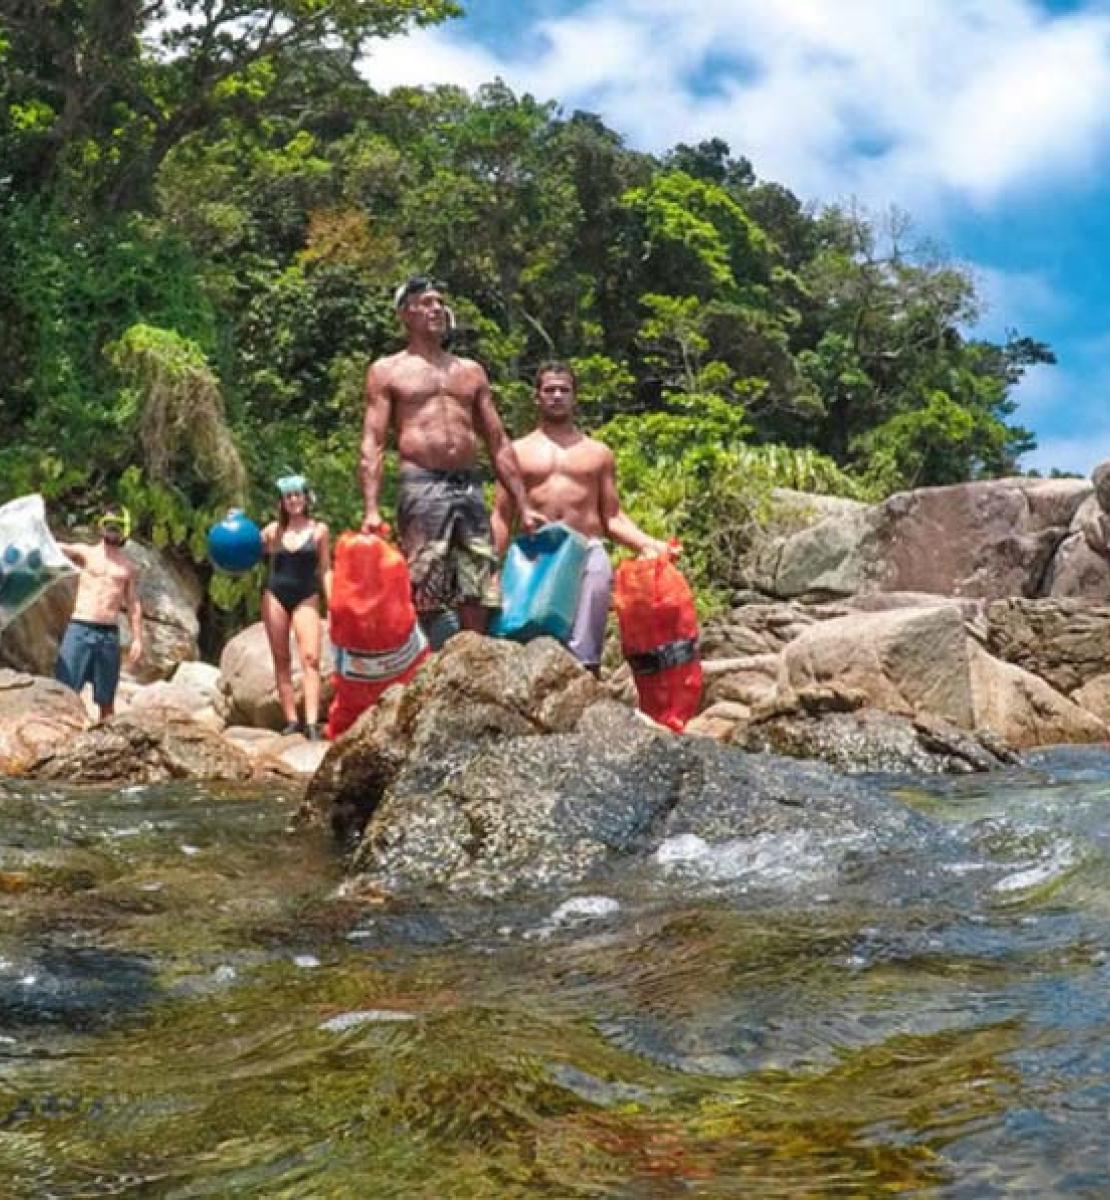 Cuatro personas, en traje de baño y con equipamiento para realizar una limpieza, se paran sobre rocas cerca del océano.